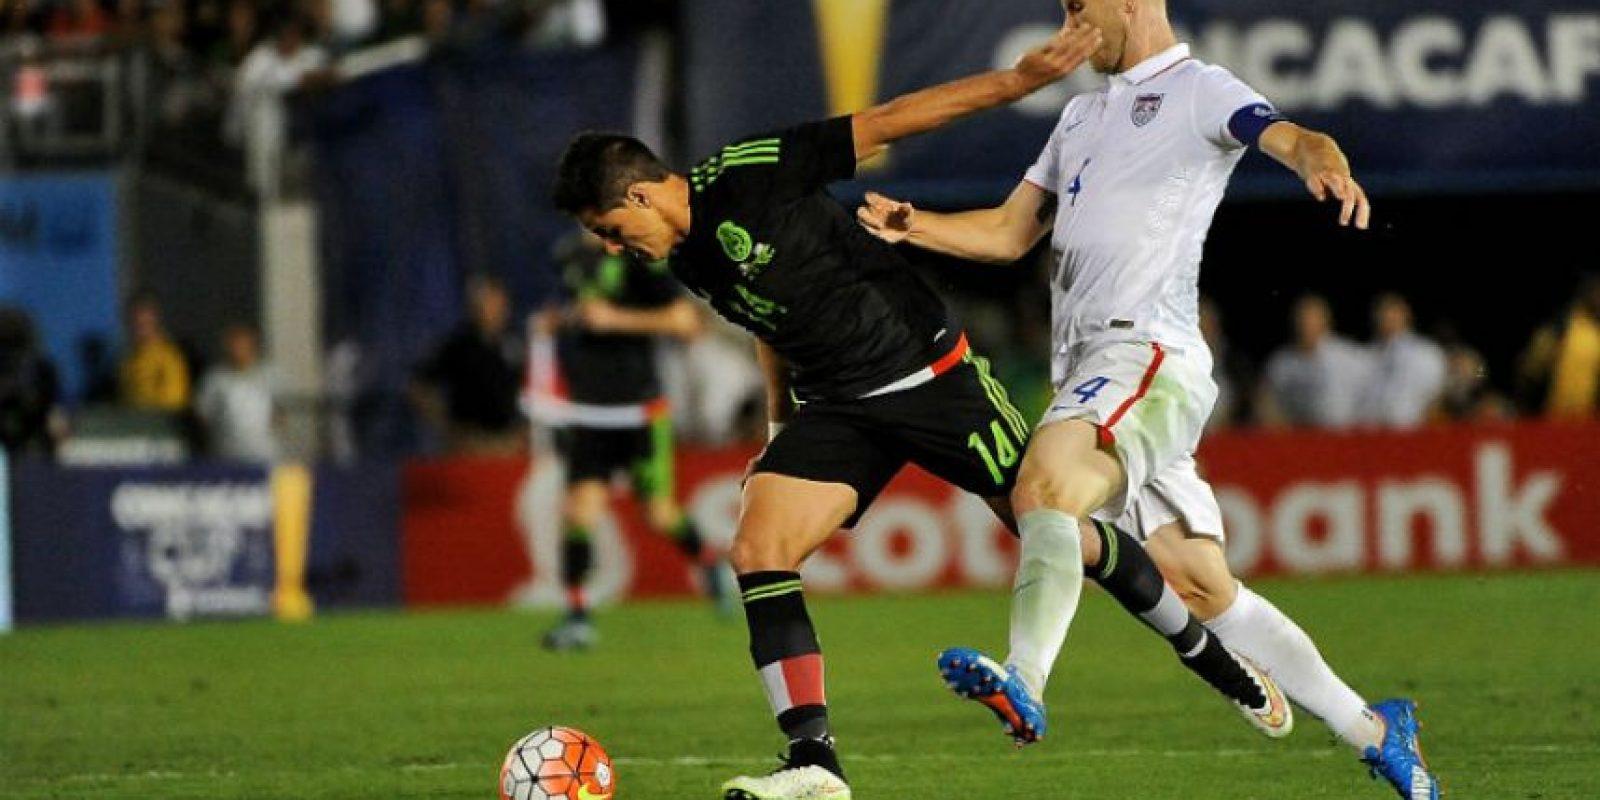 Estados Unidos vs. México. El duelo entre los mas grandes de Concacaf Foto:Getty Images